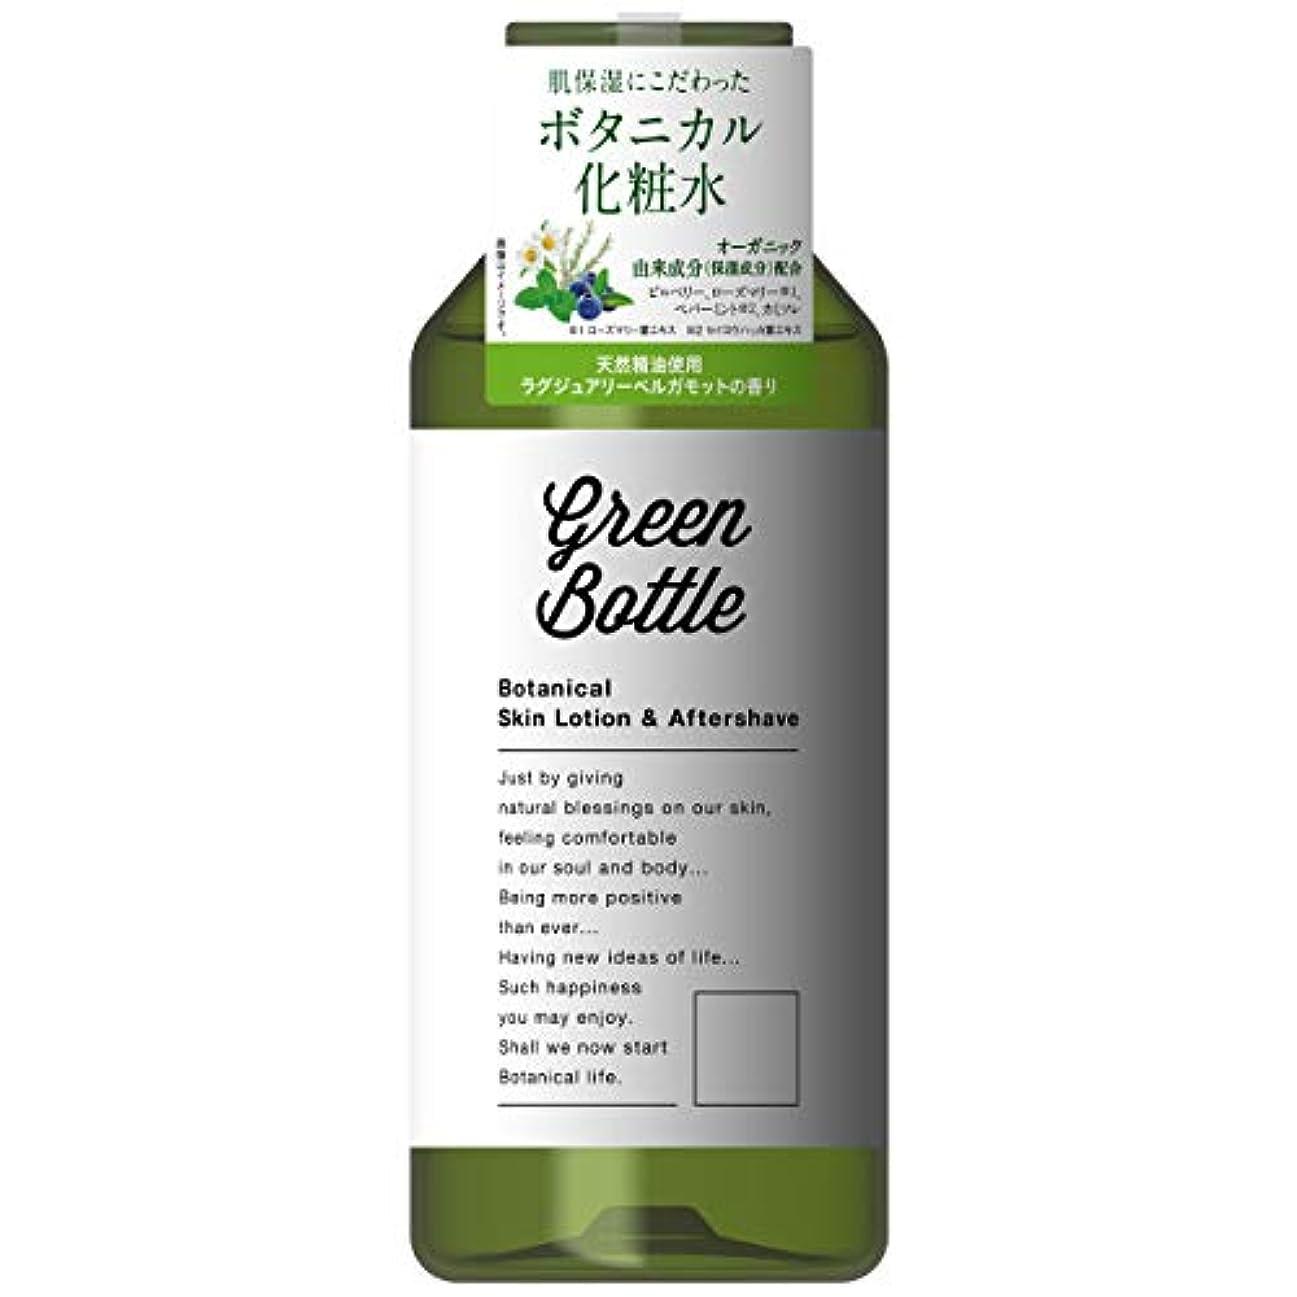 リム異常ペネロペグリーンボトル ボタニカル化粧水